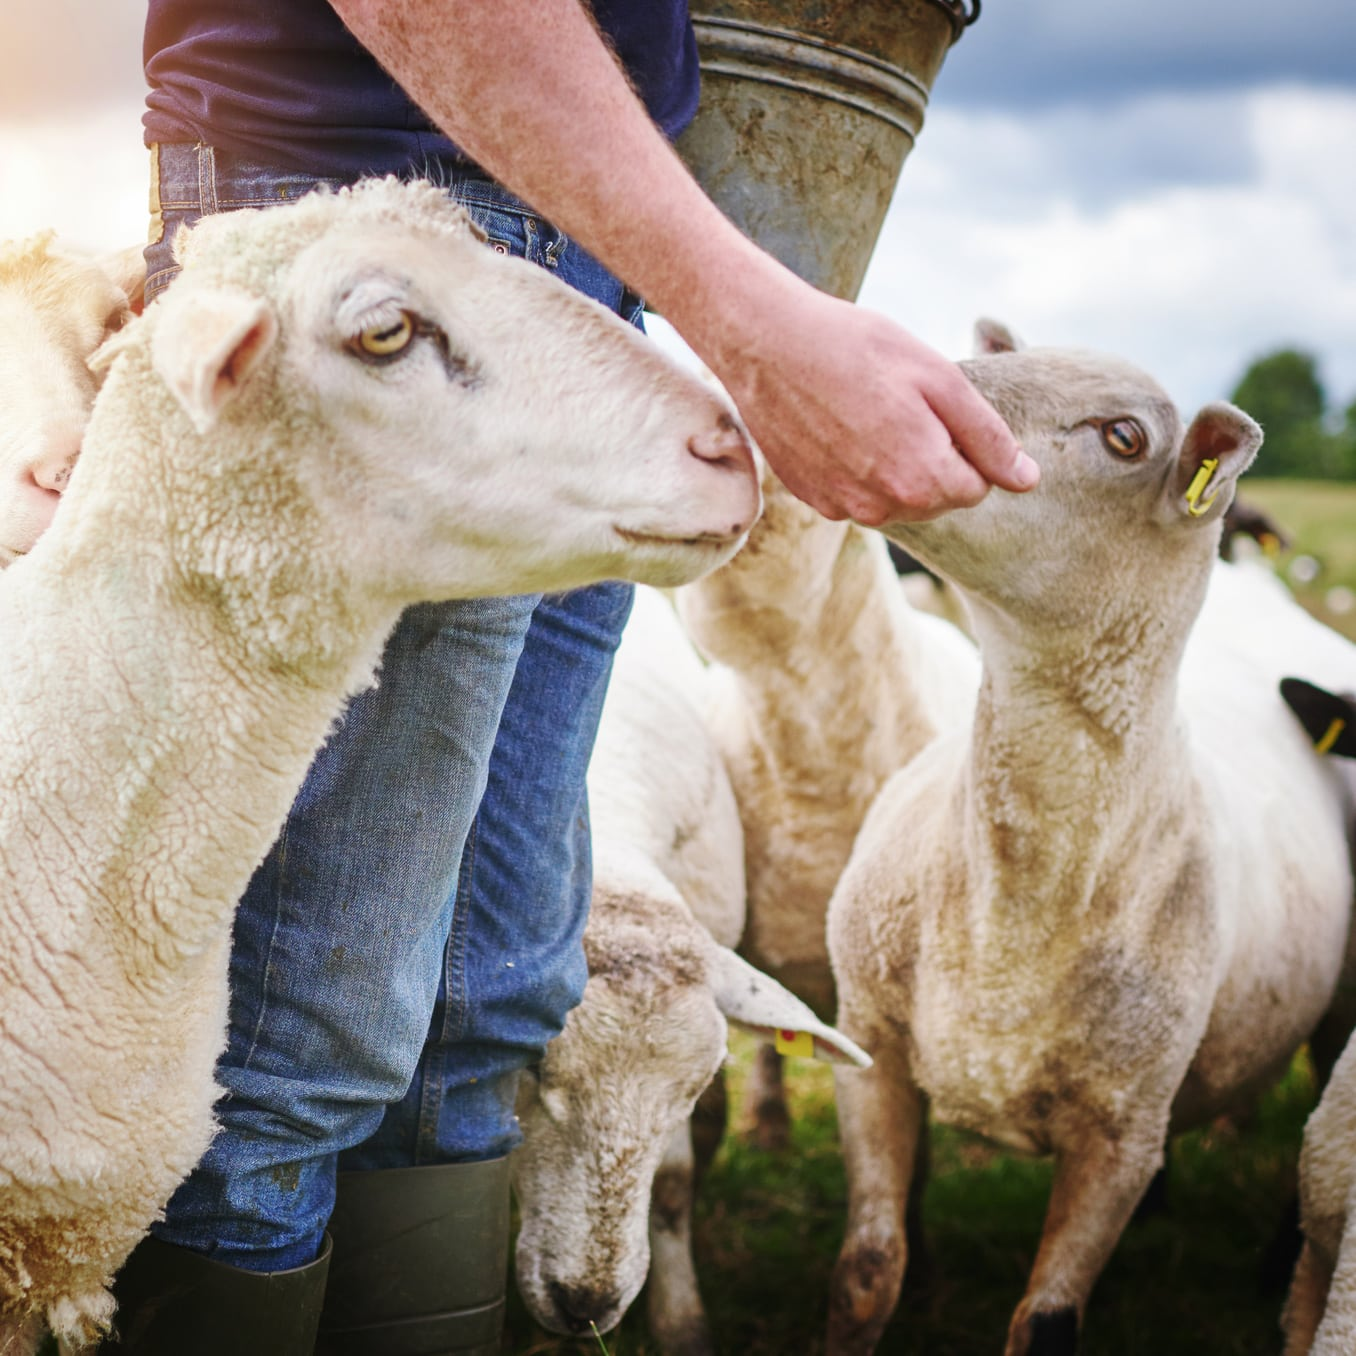 farmer feeding a herd of sheep on a farm